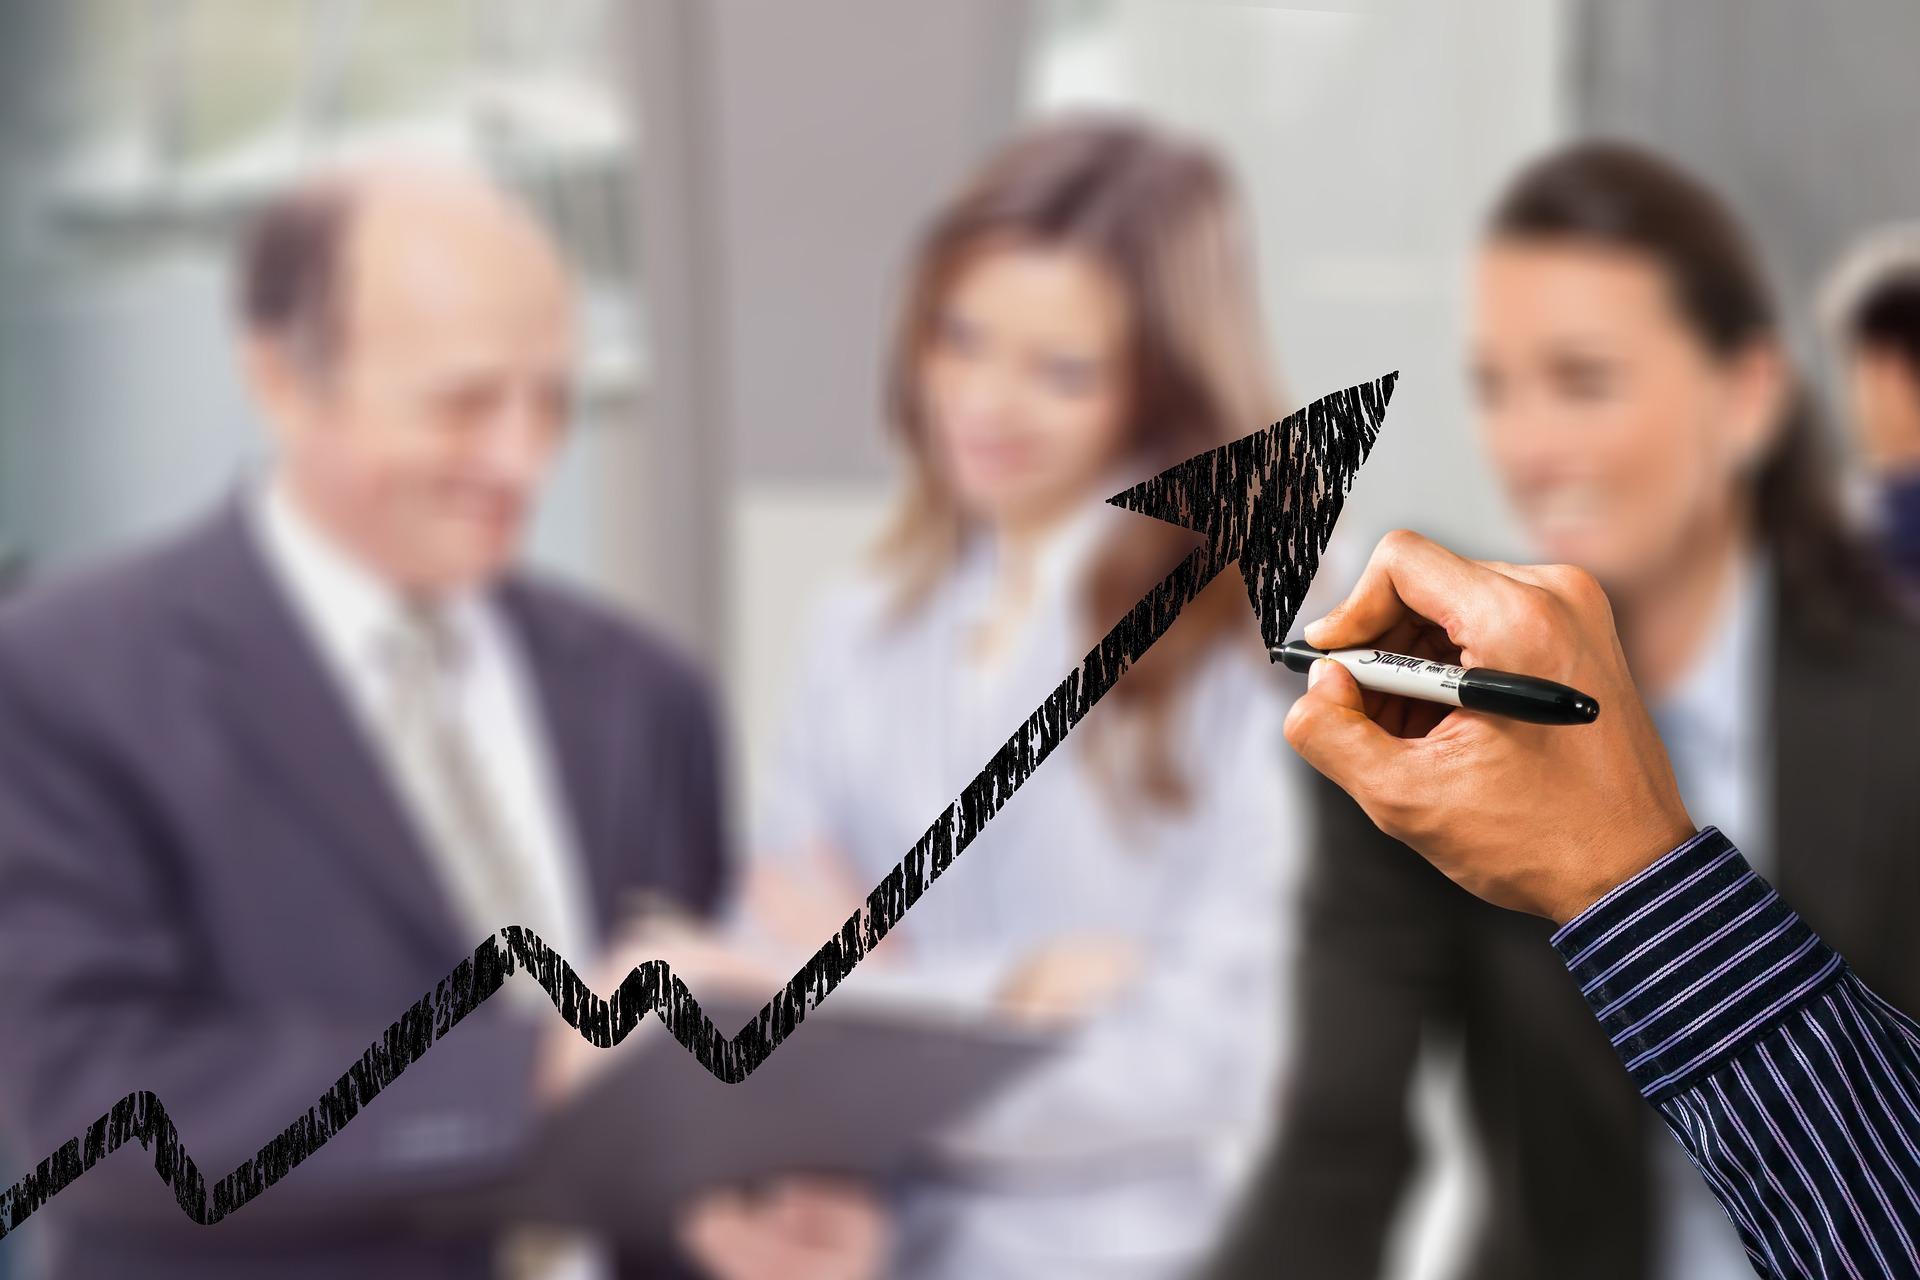 Los Aspectos Legales En La Compra Y Venta De Empresas Con Fines Lucrativos